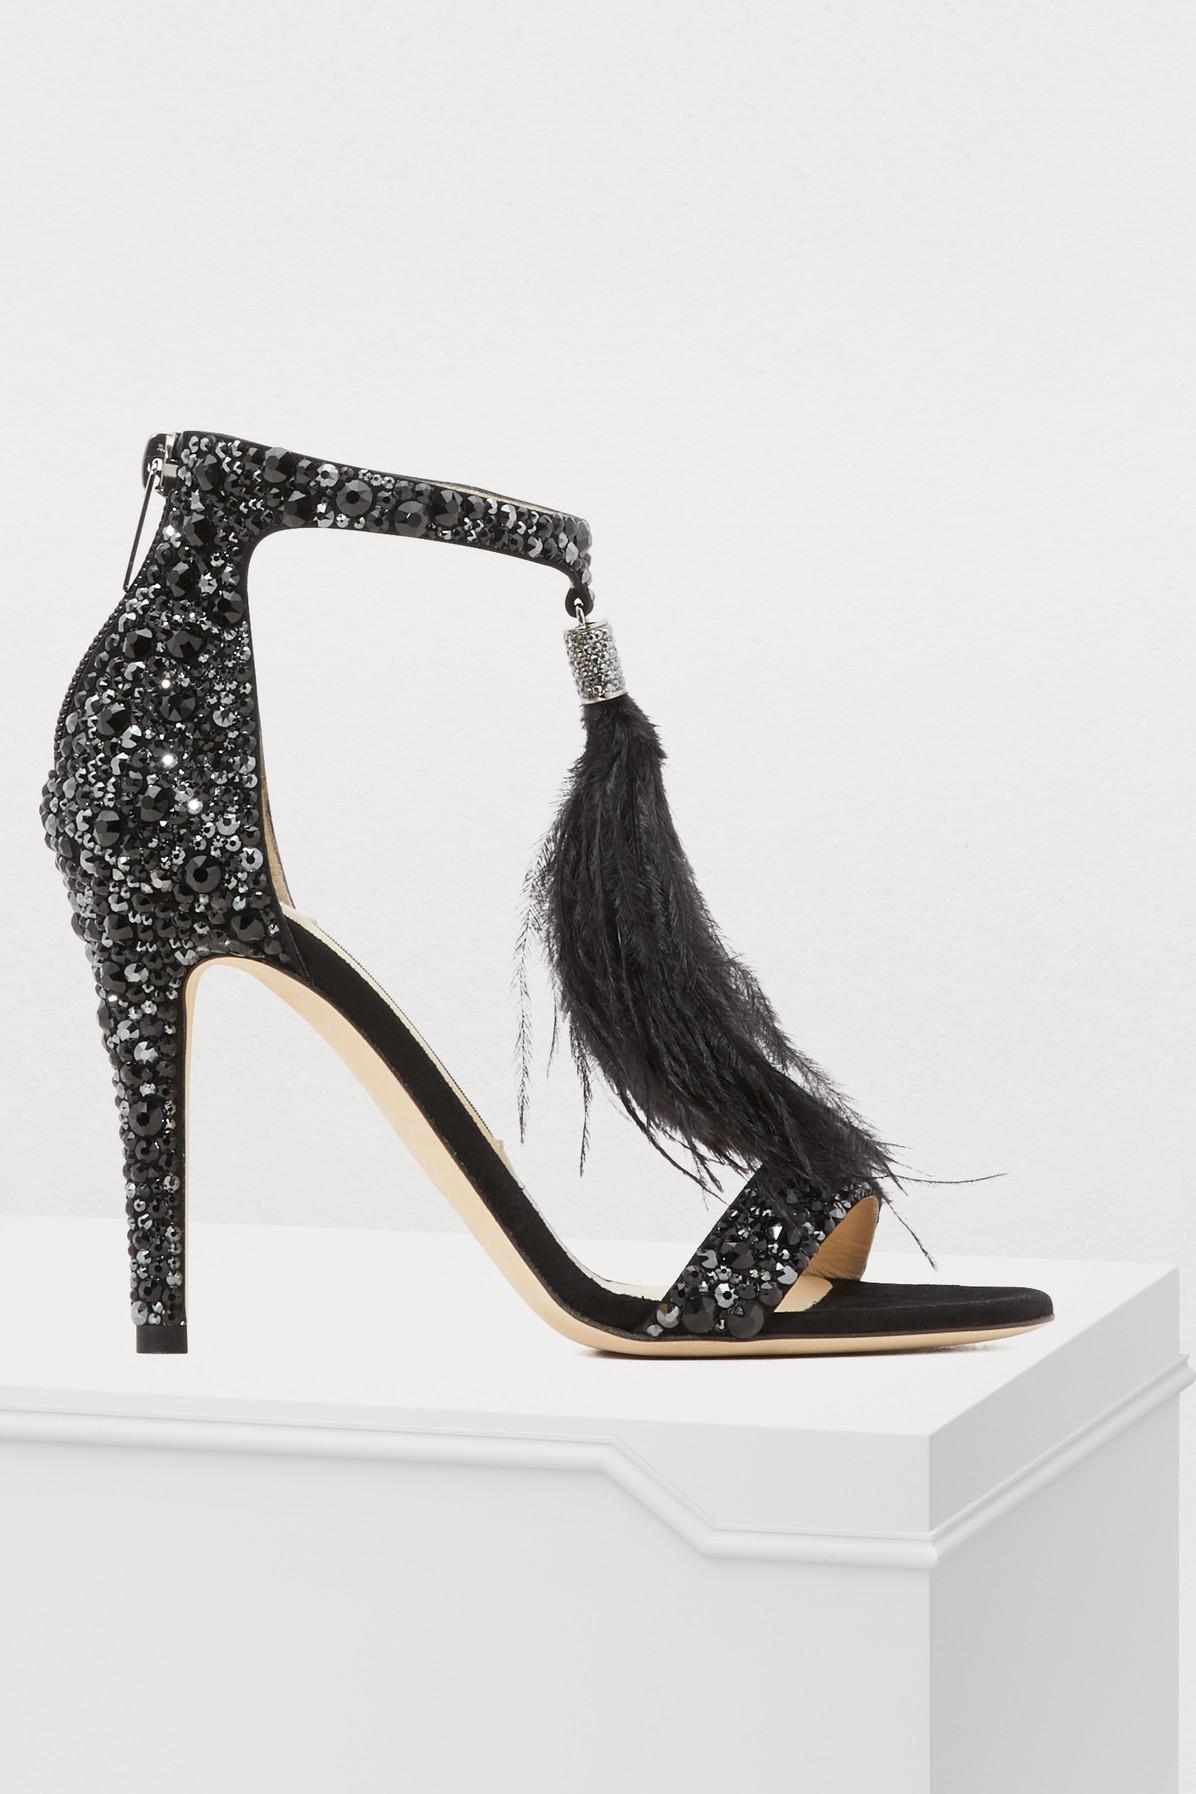 90da0a5f44ca7 Jimmy Choo Viola 100 Sandals in Black - Save 72% - Lyst